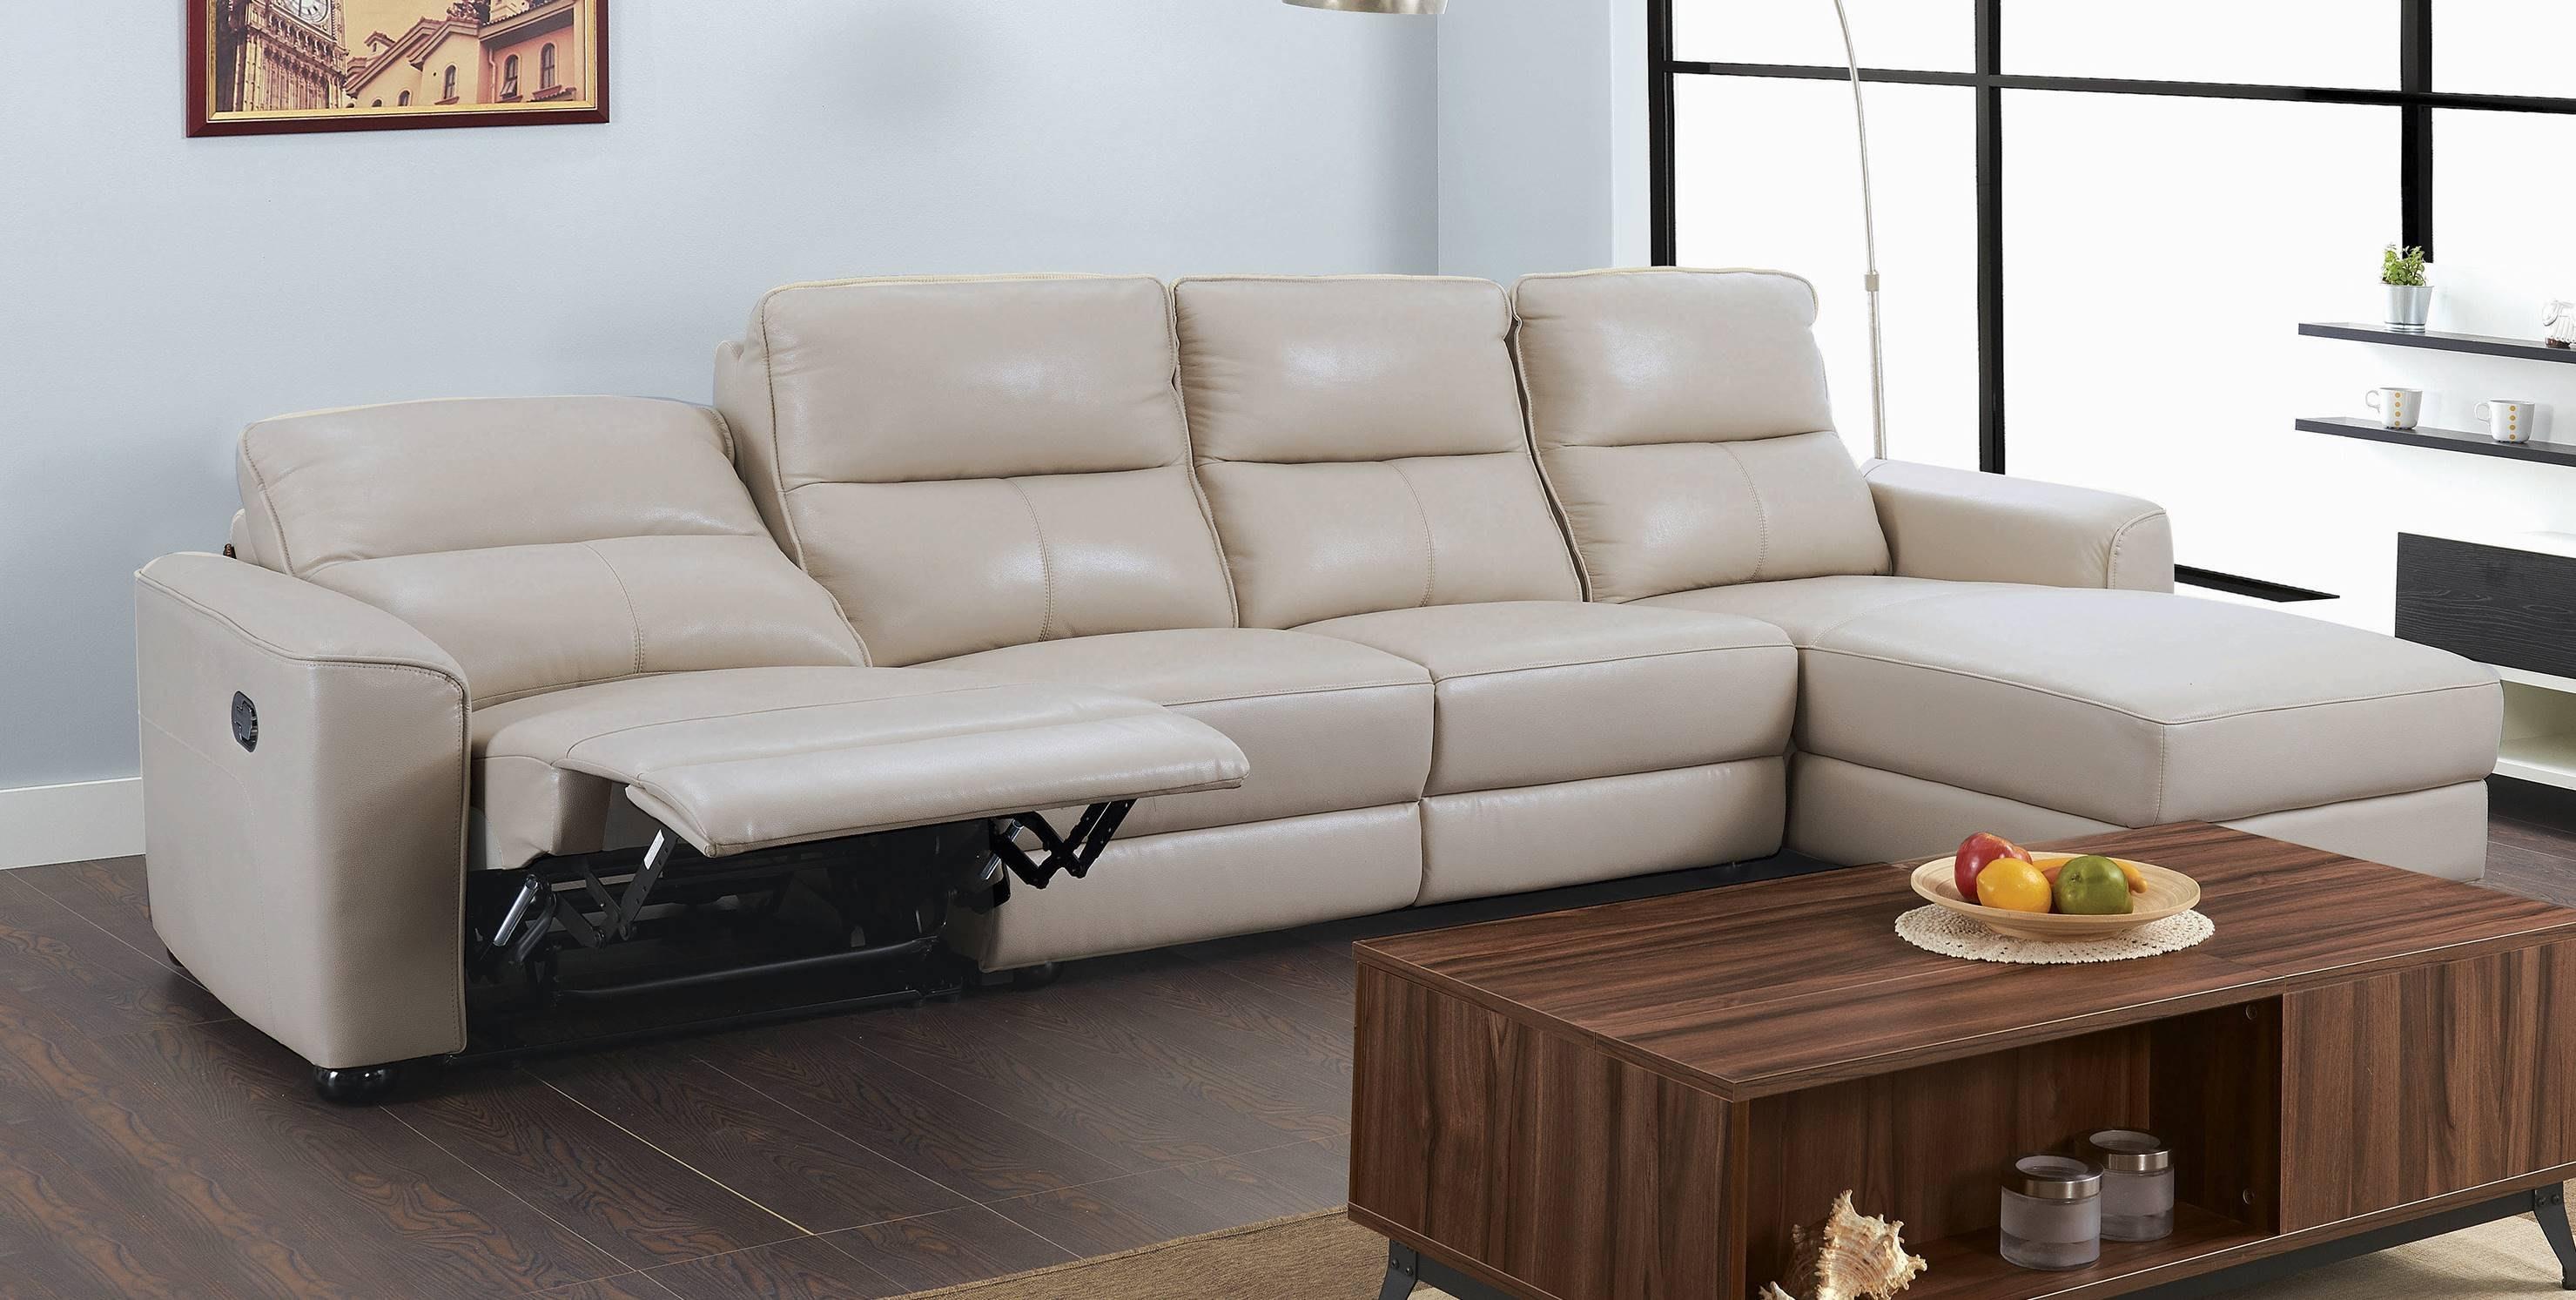 【生活家傢俱】HJS-326-1◎喬伊斯L型半牛皮沙發【台中58800送到家】手動式躺椅 貴妃椅左右邊可選 實木椅架